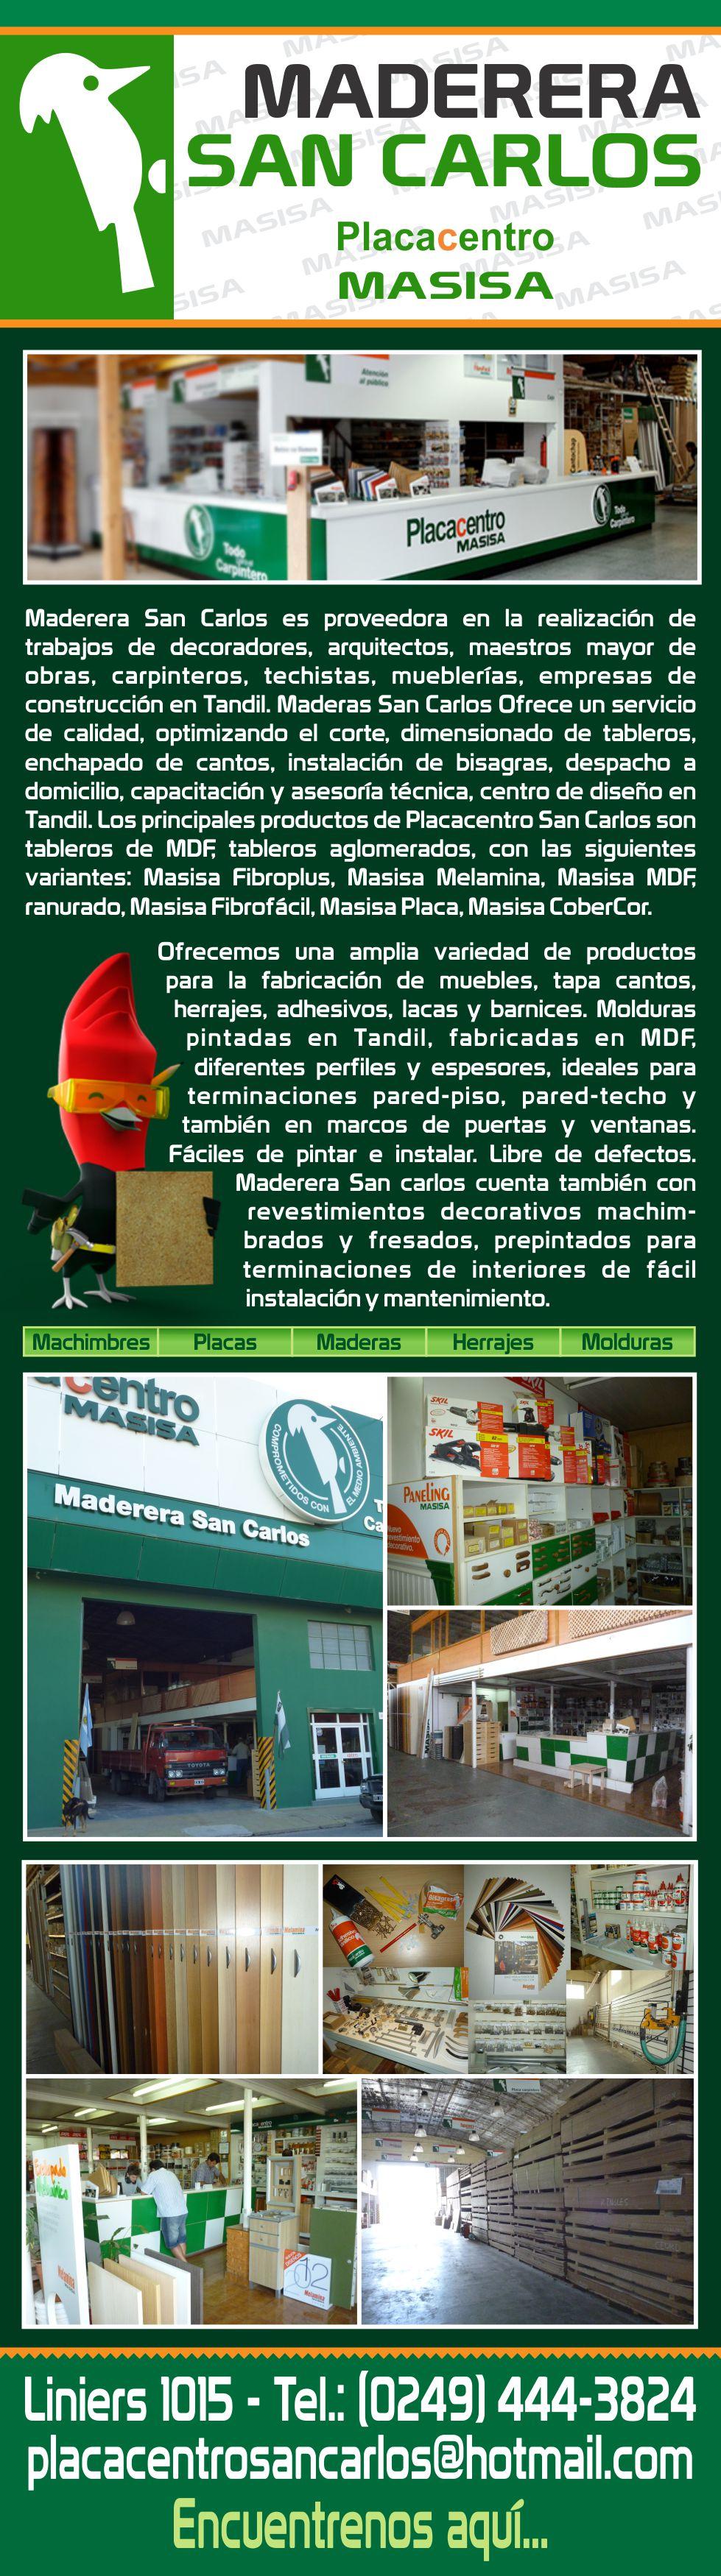 Maderera San Carlos En Tandil # Muebles Faciles Liniers